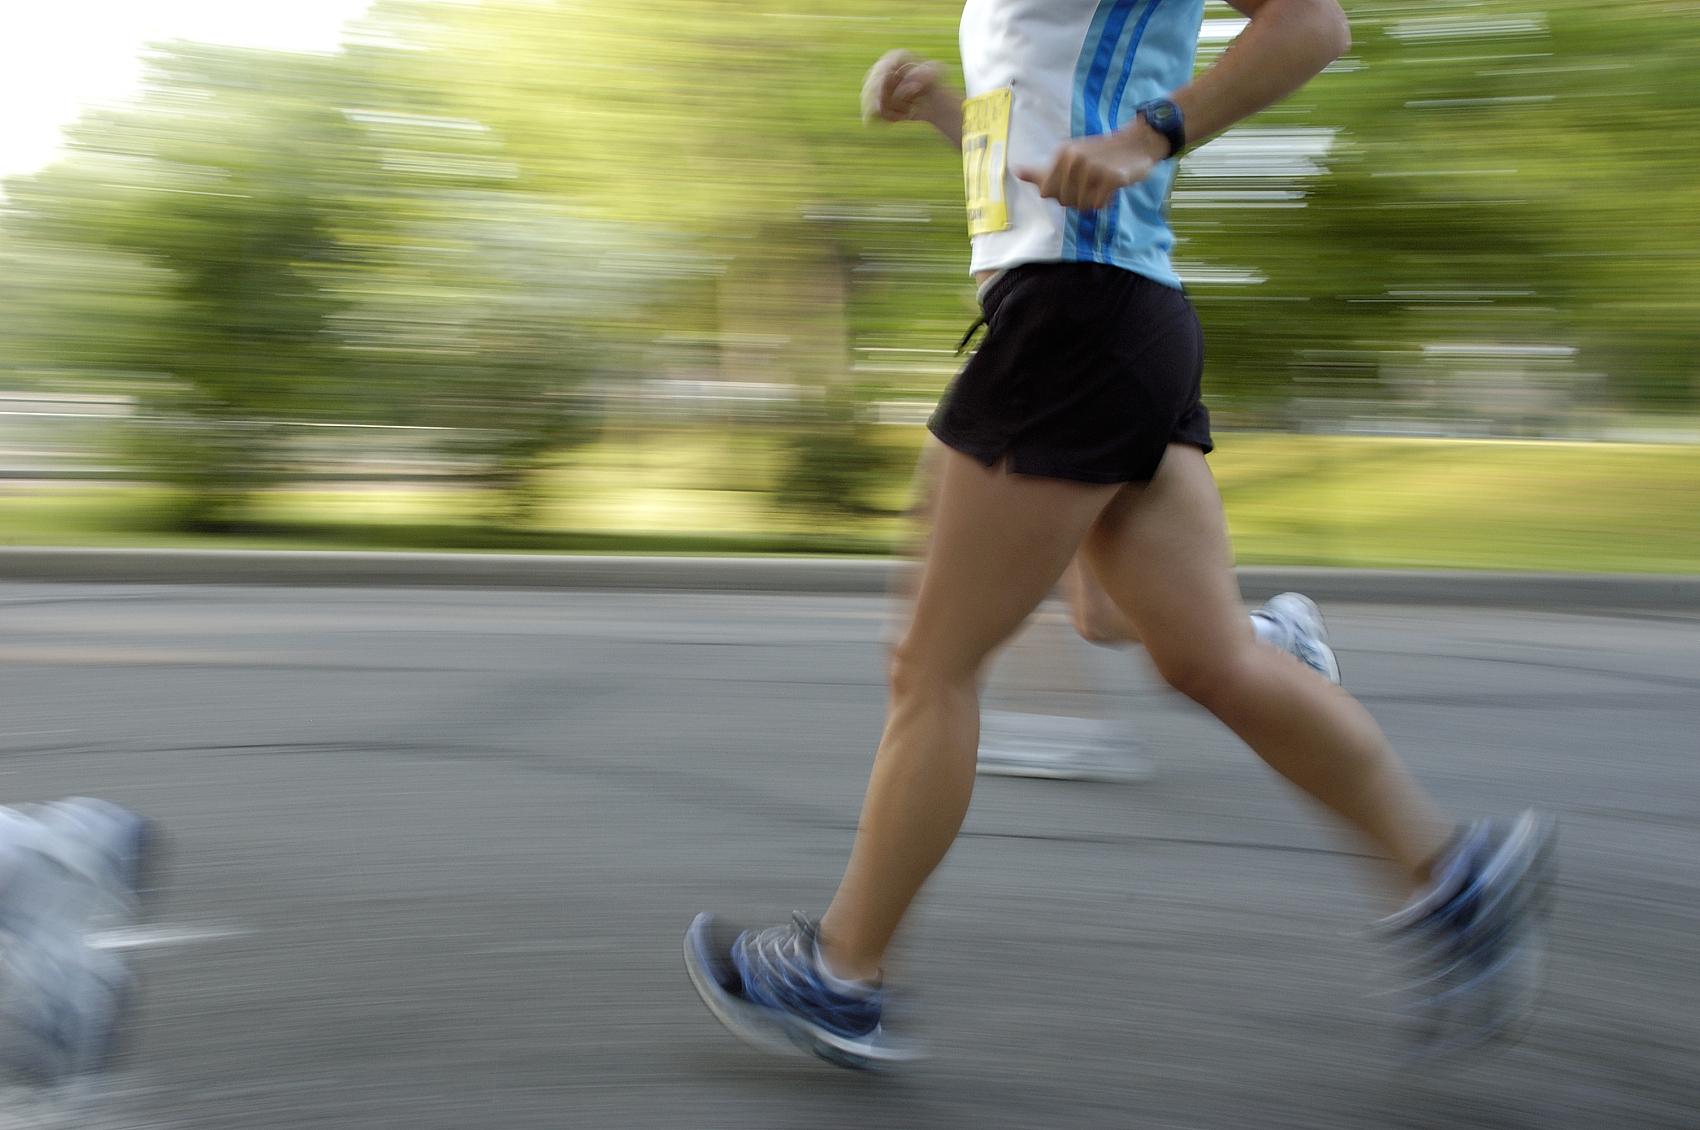 久蹲深蹲易伤膝关节  健步走每天6000步就够